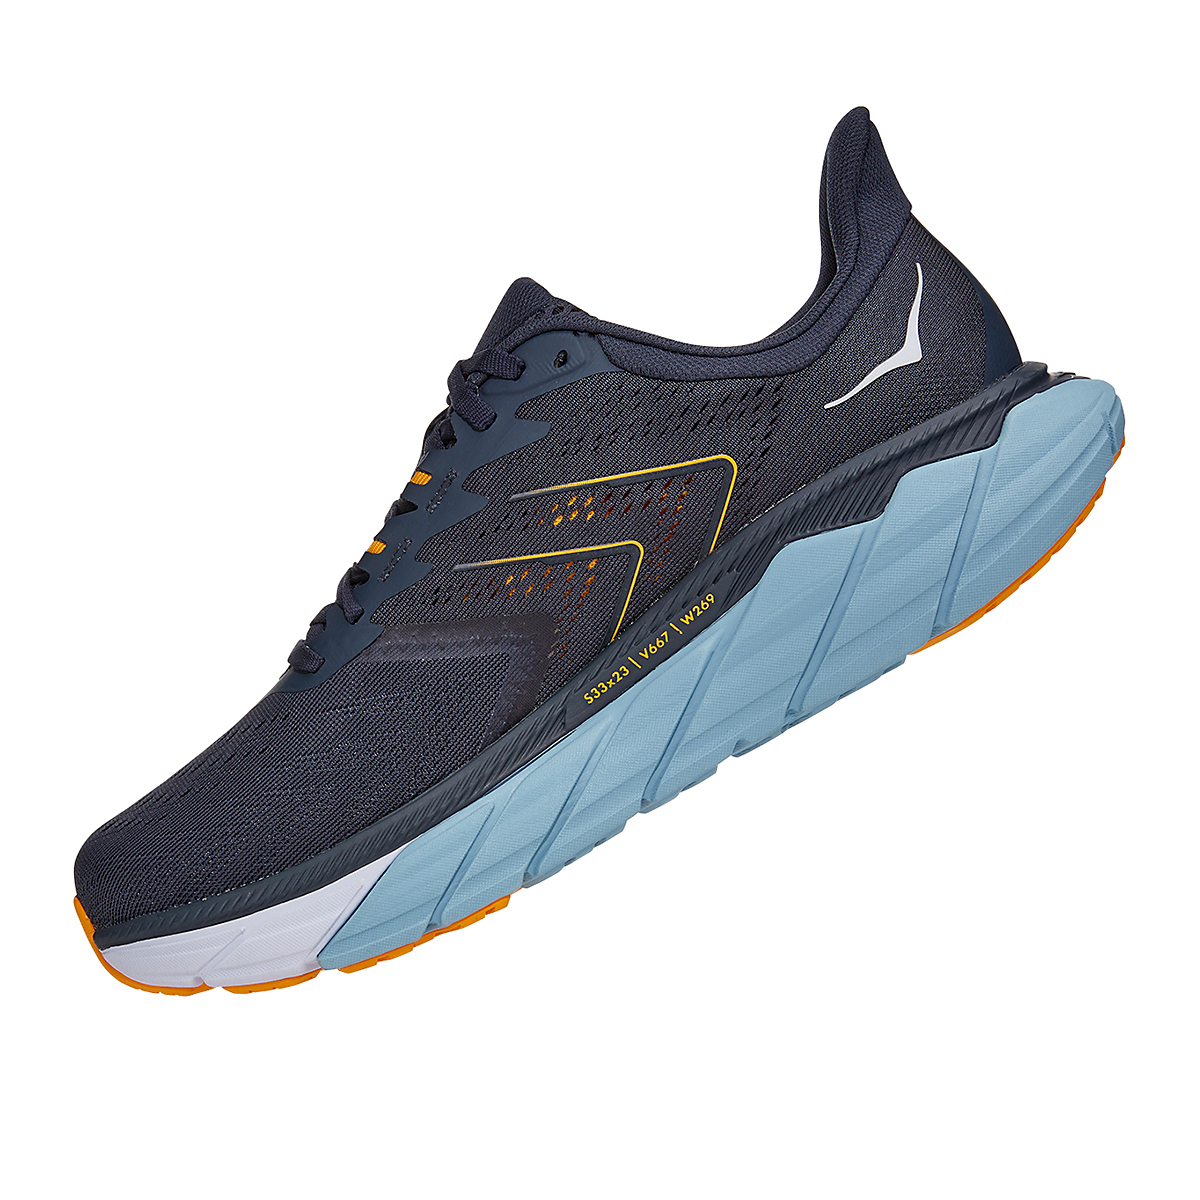 Men's Hoka One One Arahi 5 Running Shoe - Color: Ombre Blue/Blue Fog - Size: 8.5 - Width: Regular, Ombre Blue/Blue Fog, large, image 4